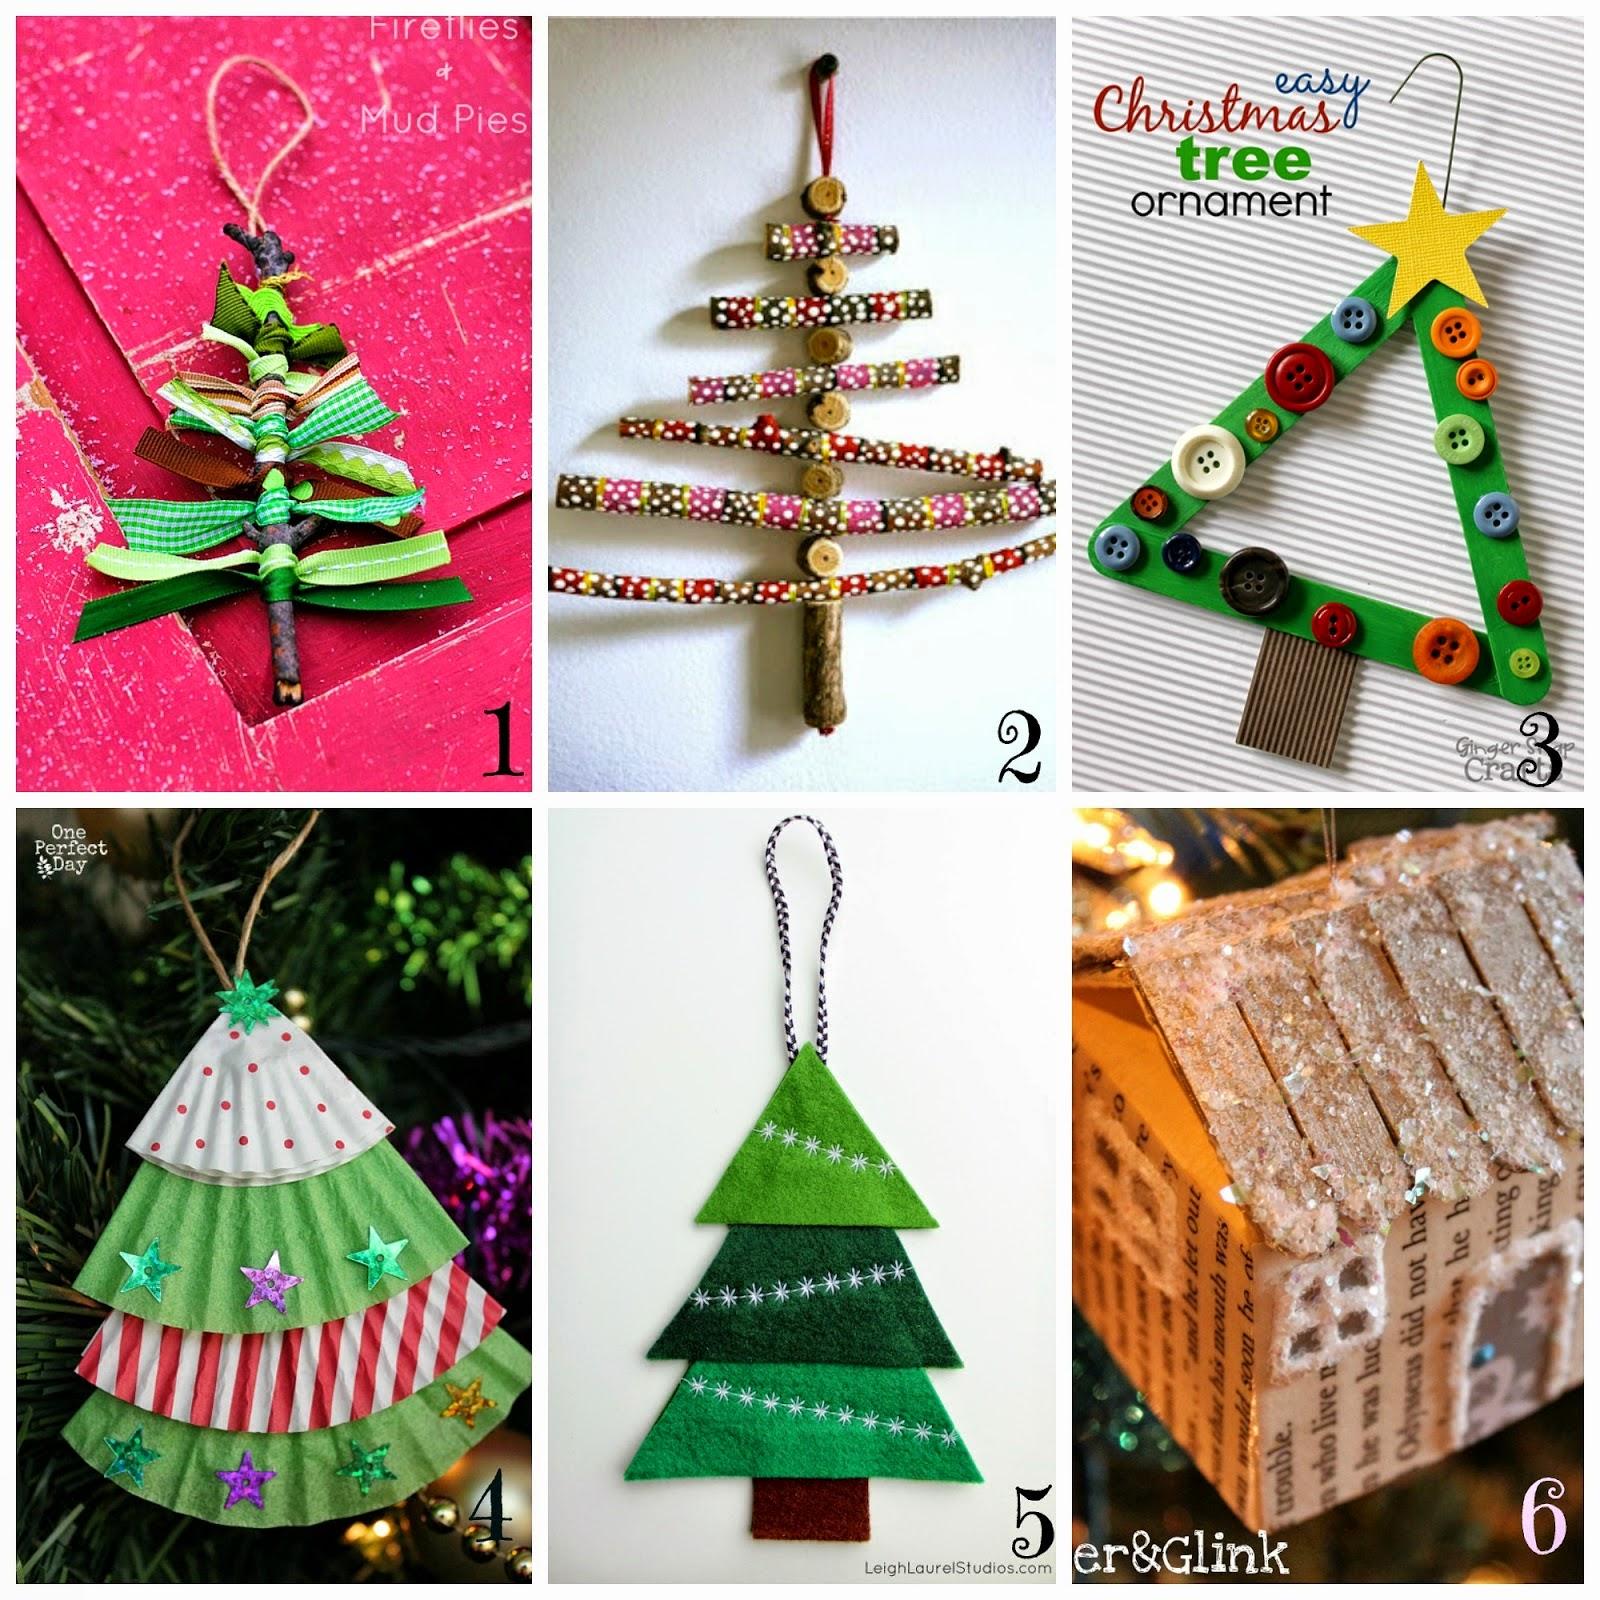 Molto Decorazioni per l'albero di Natale fai da te- 12 tutorial semplici  QC71